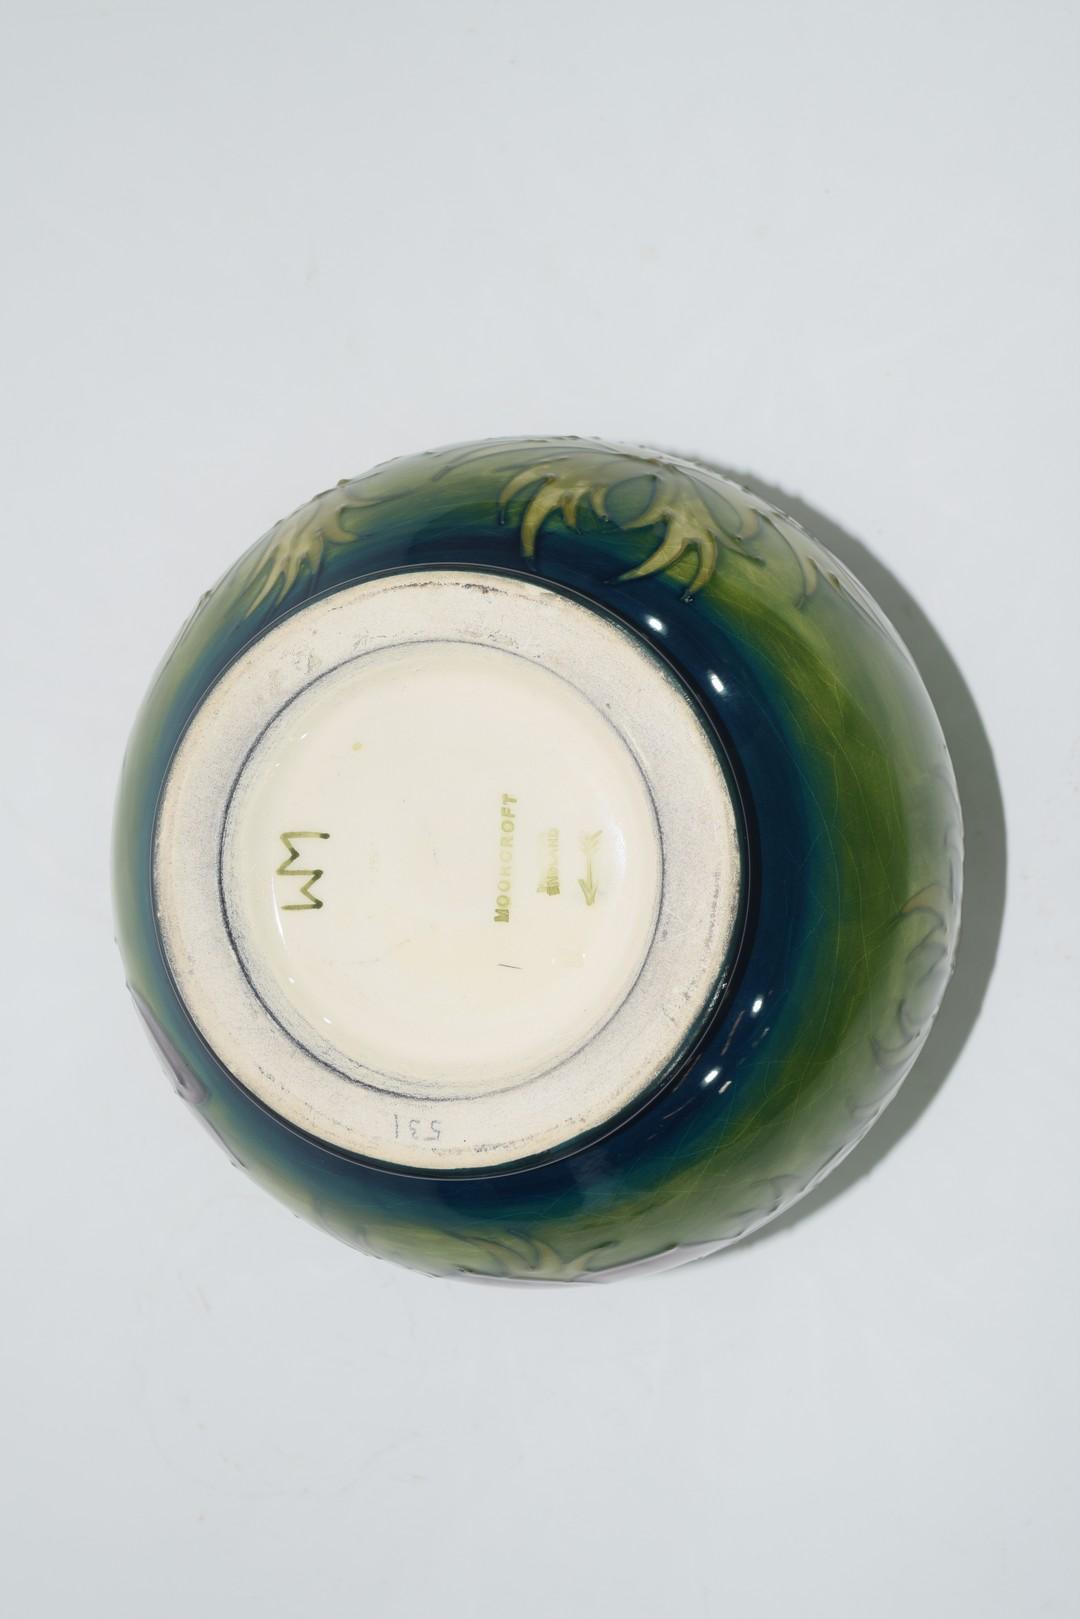 Globular Moorcroft vase - Image 6 of 8